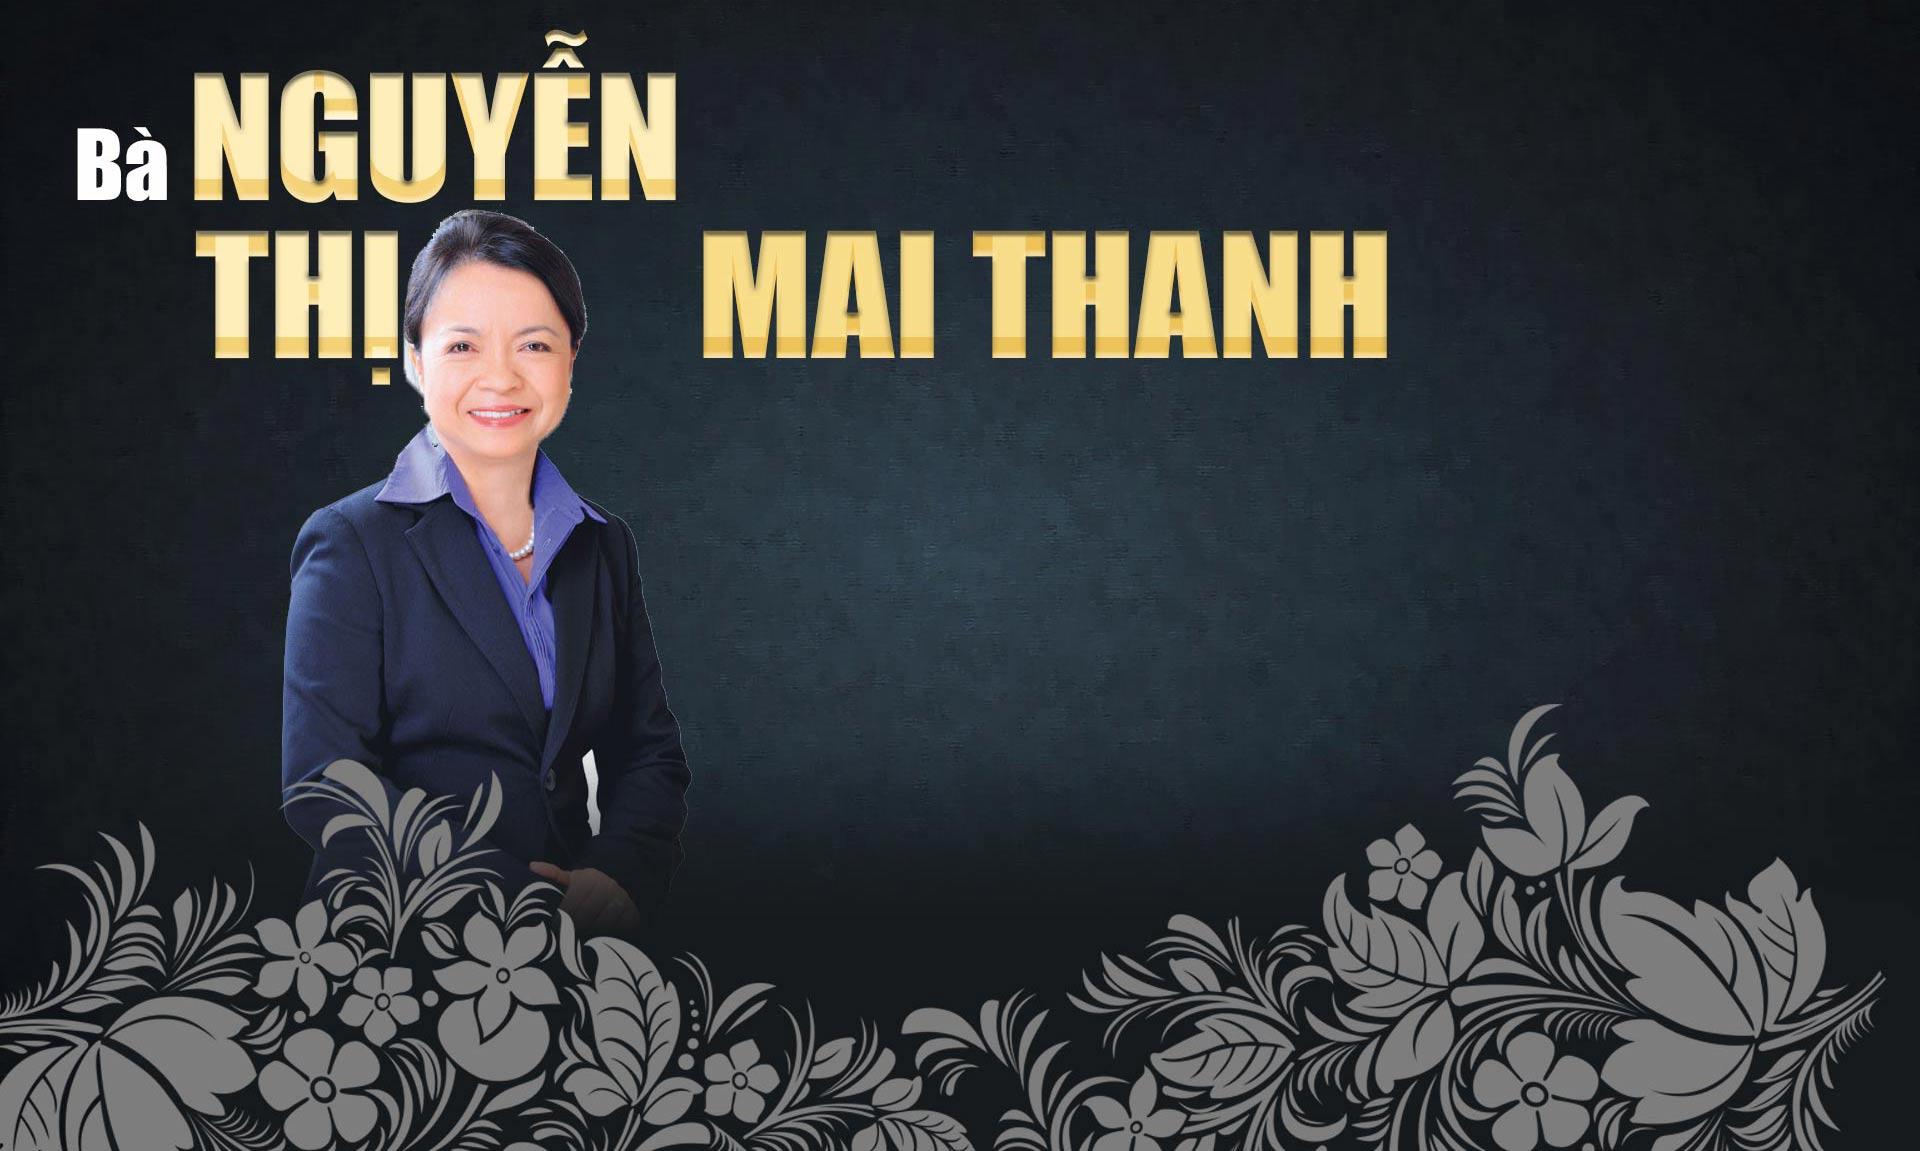 10 phụ nữ Việt gây choáng bởi sự giàu có, giỏi giang và quyền lực - 28